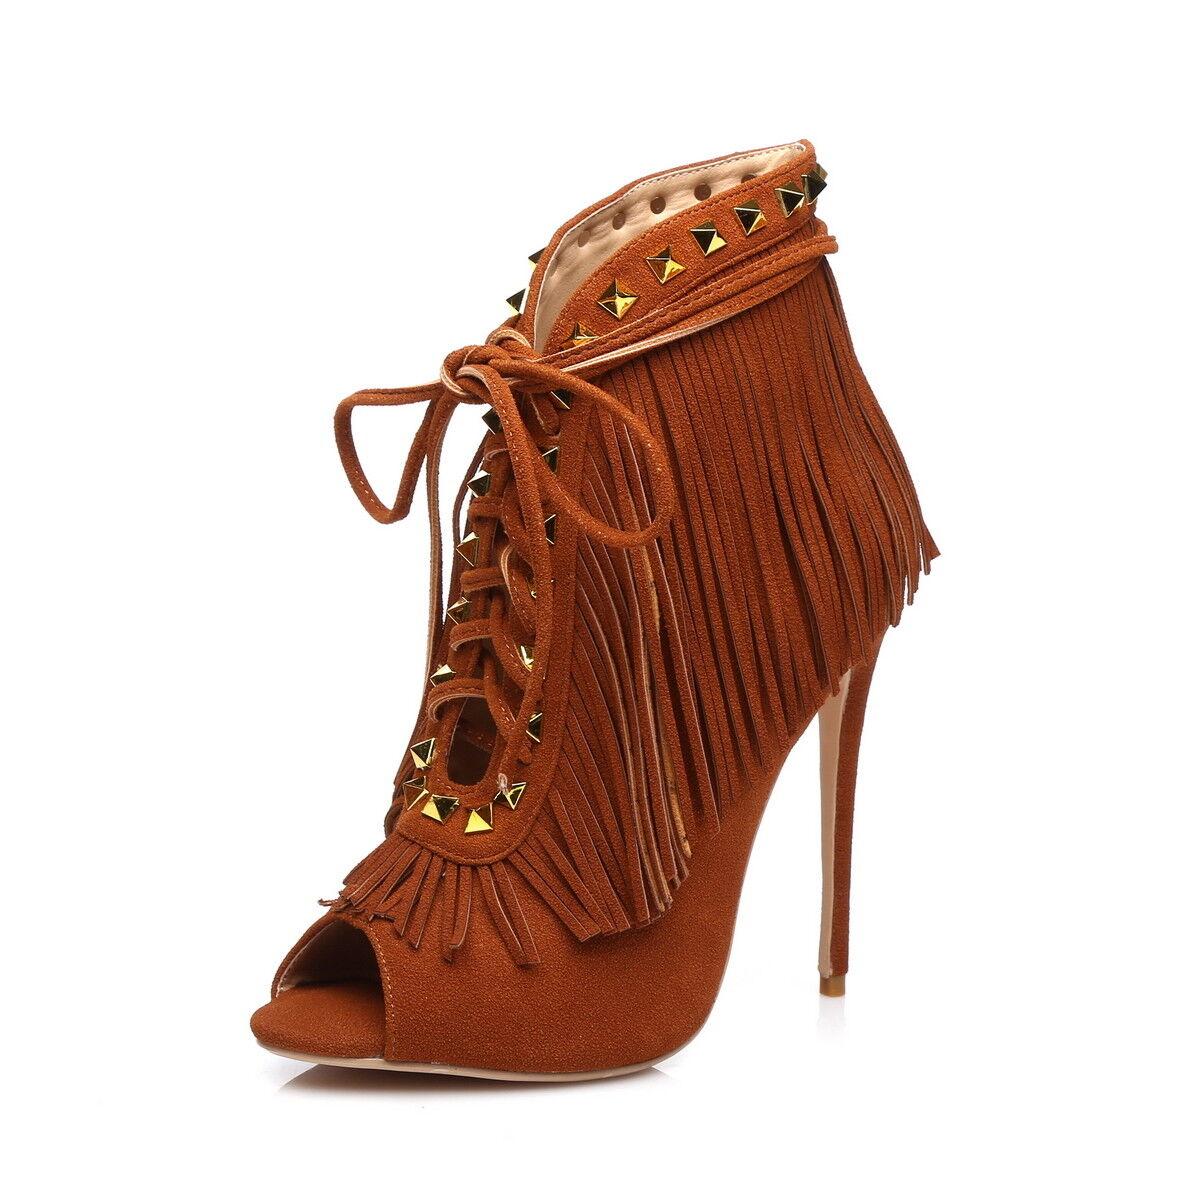 Giaro Sandali in taglie forti grandi scarpe da donna Marroneee XXL